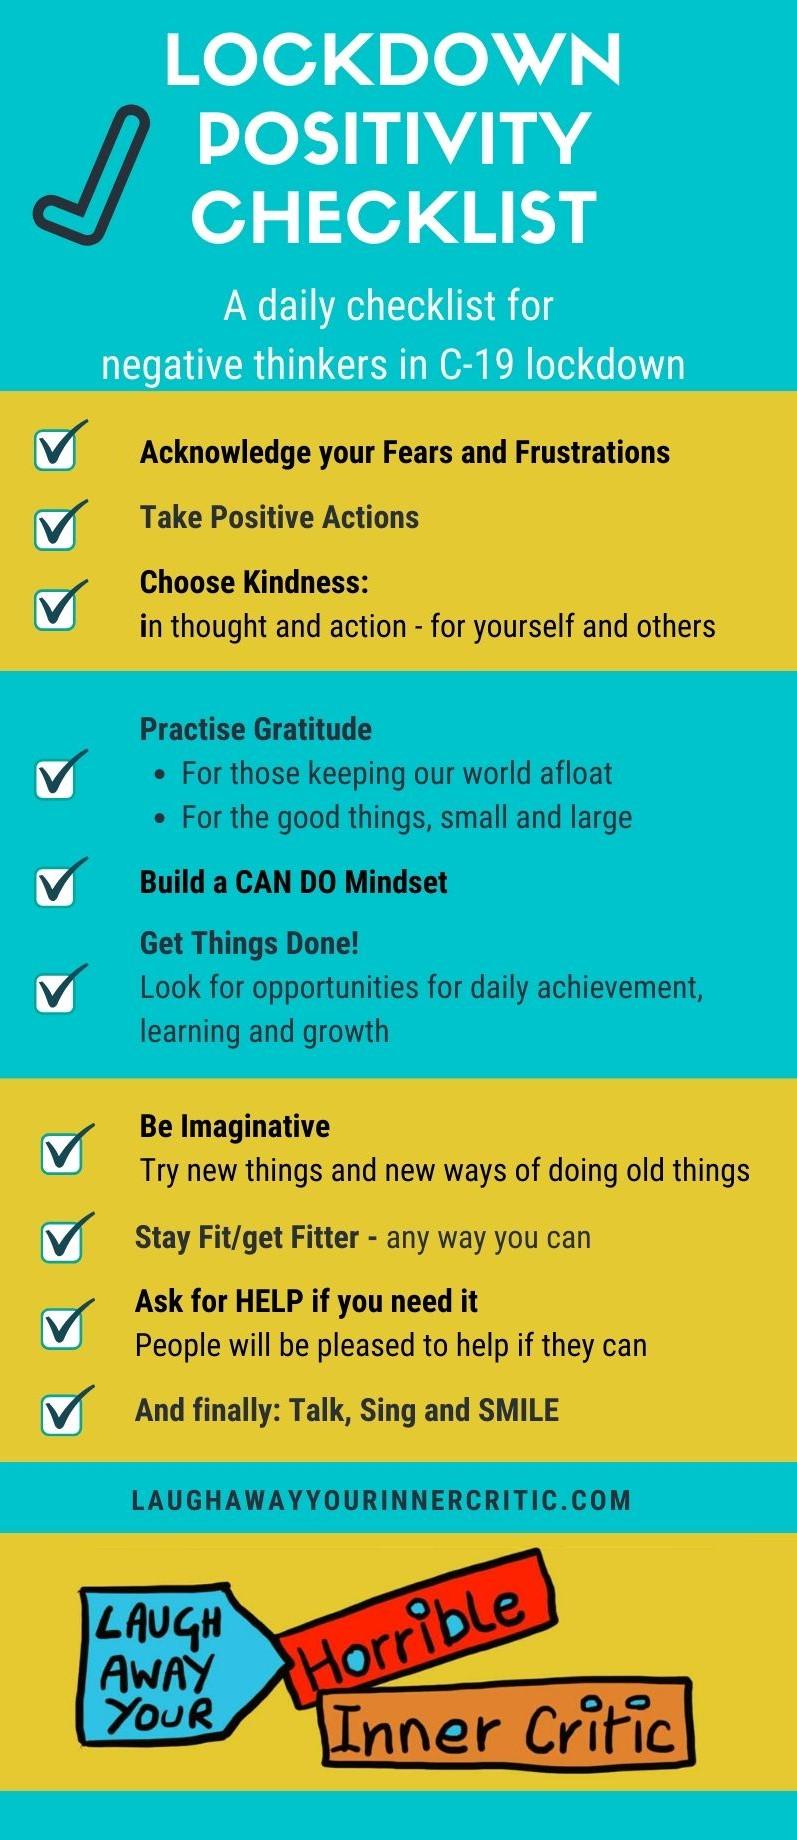 Lockdown Positivity Checklist